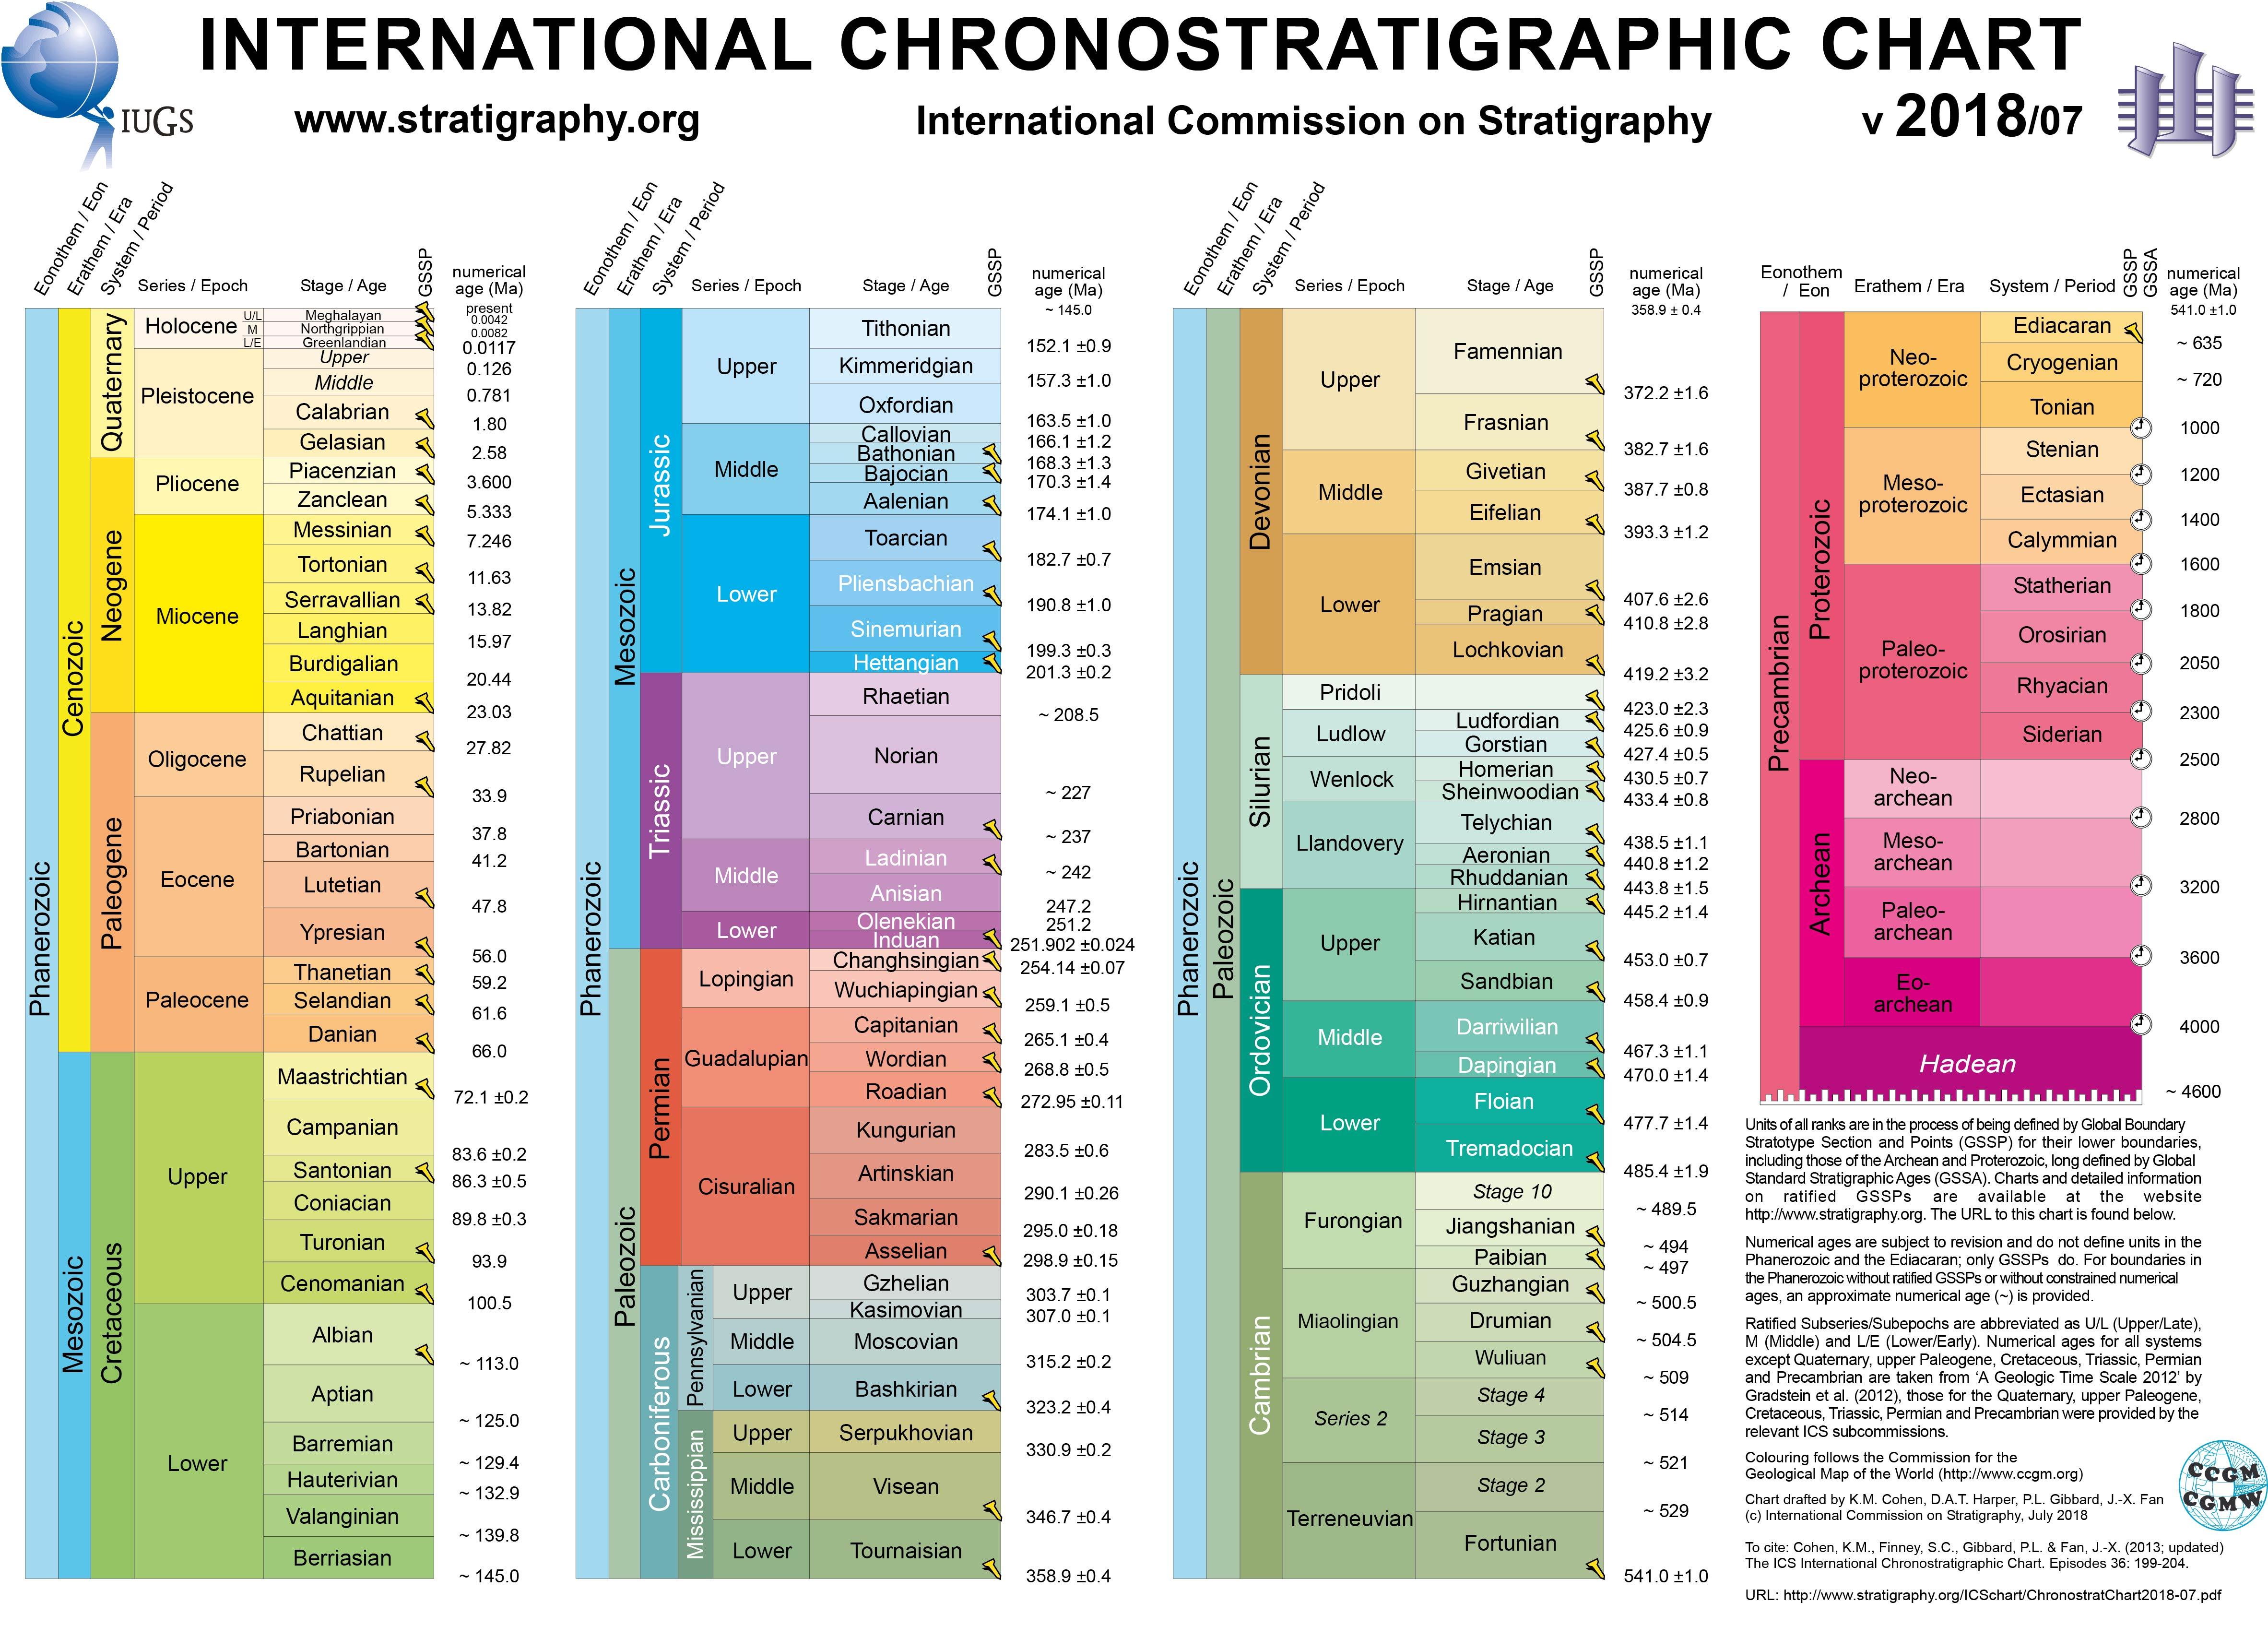 El nuevo mapa de la historia geológica del mundo. Fuente: he International Commission on Stratigraphy. Click sobre la imagen para ampliar.